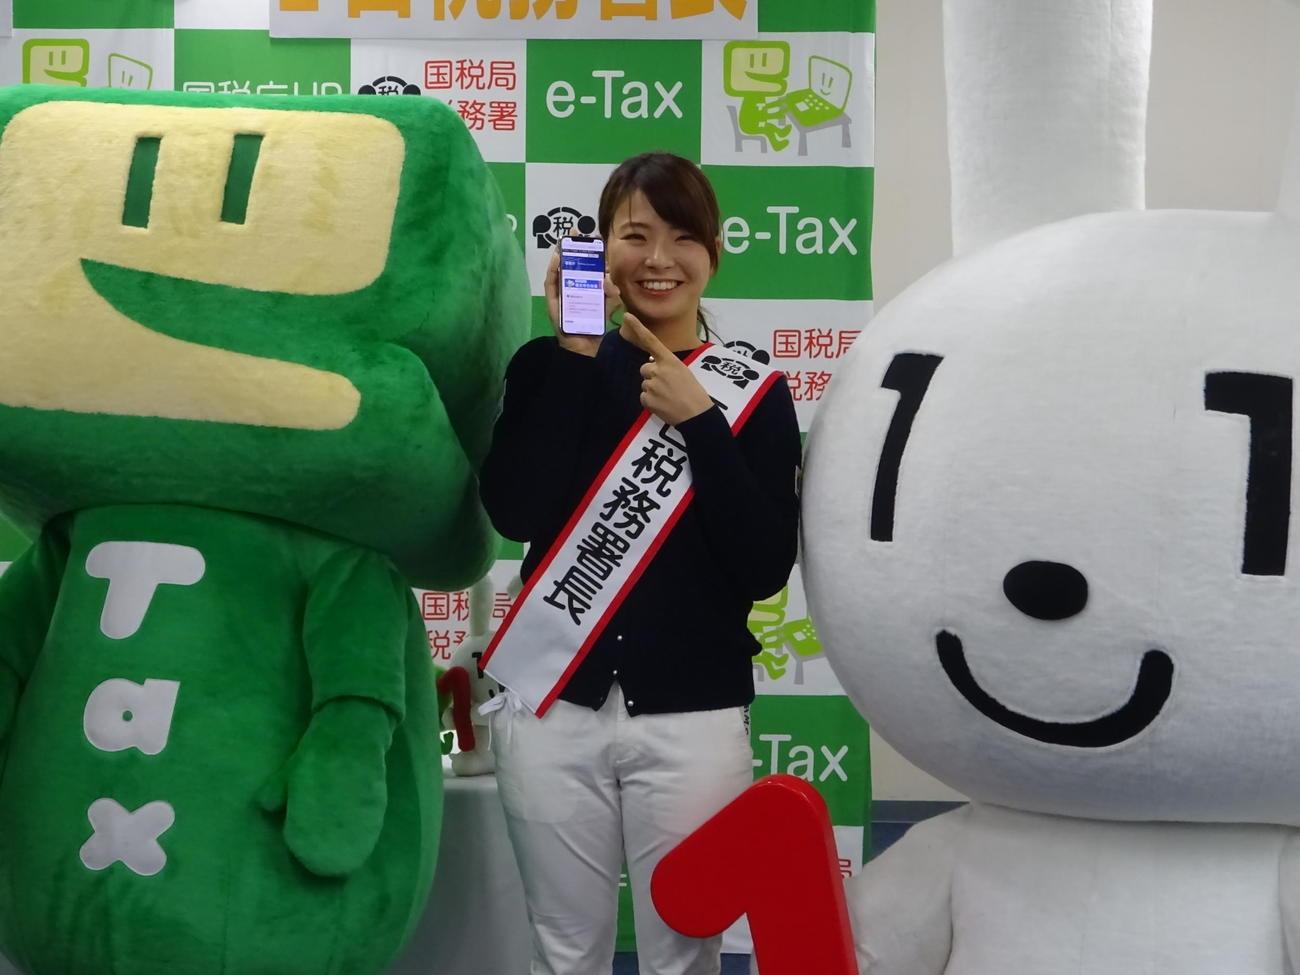 故郷の岡山で一日税務署長を務めた渋野日向子。ゆるキャラのイータ君(左)とマイナ君にはさまれ、笑顔を見せる(撮影・加藤裕一)